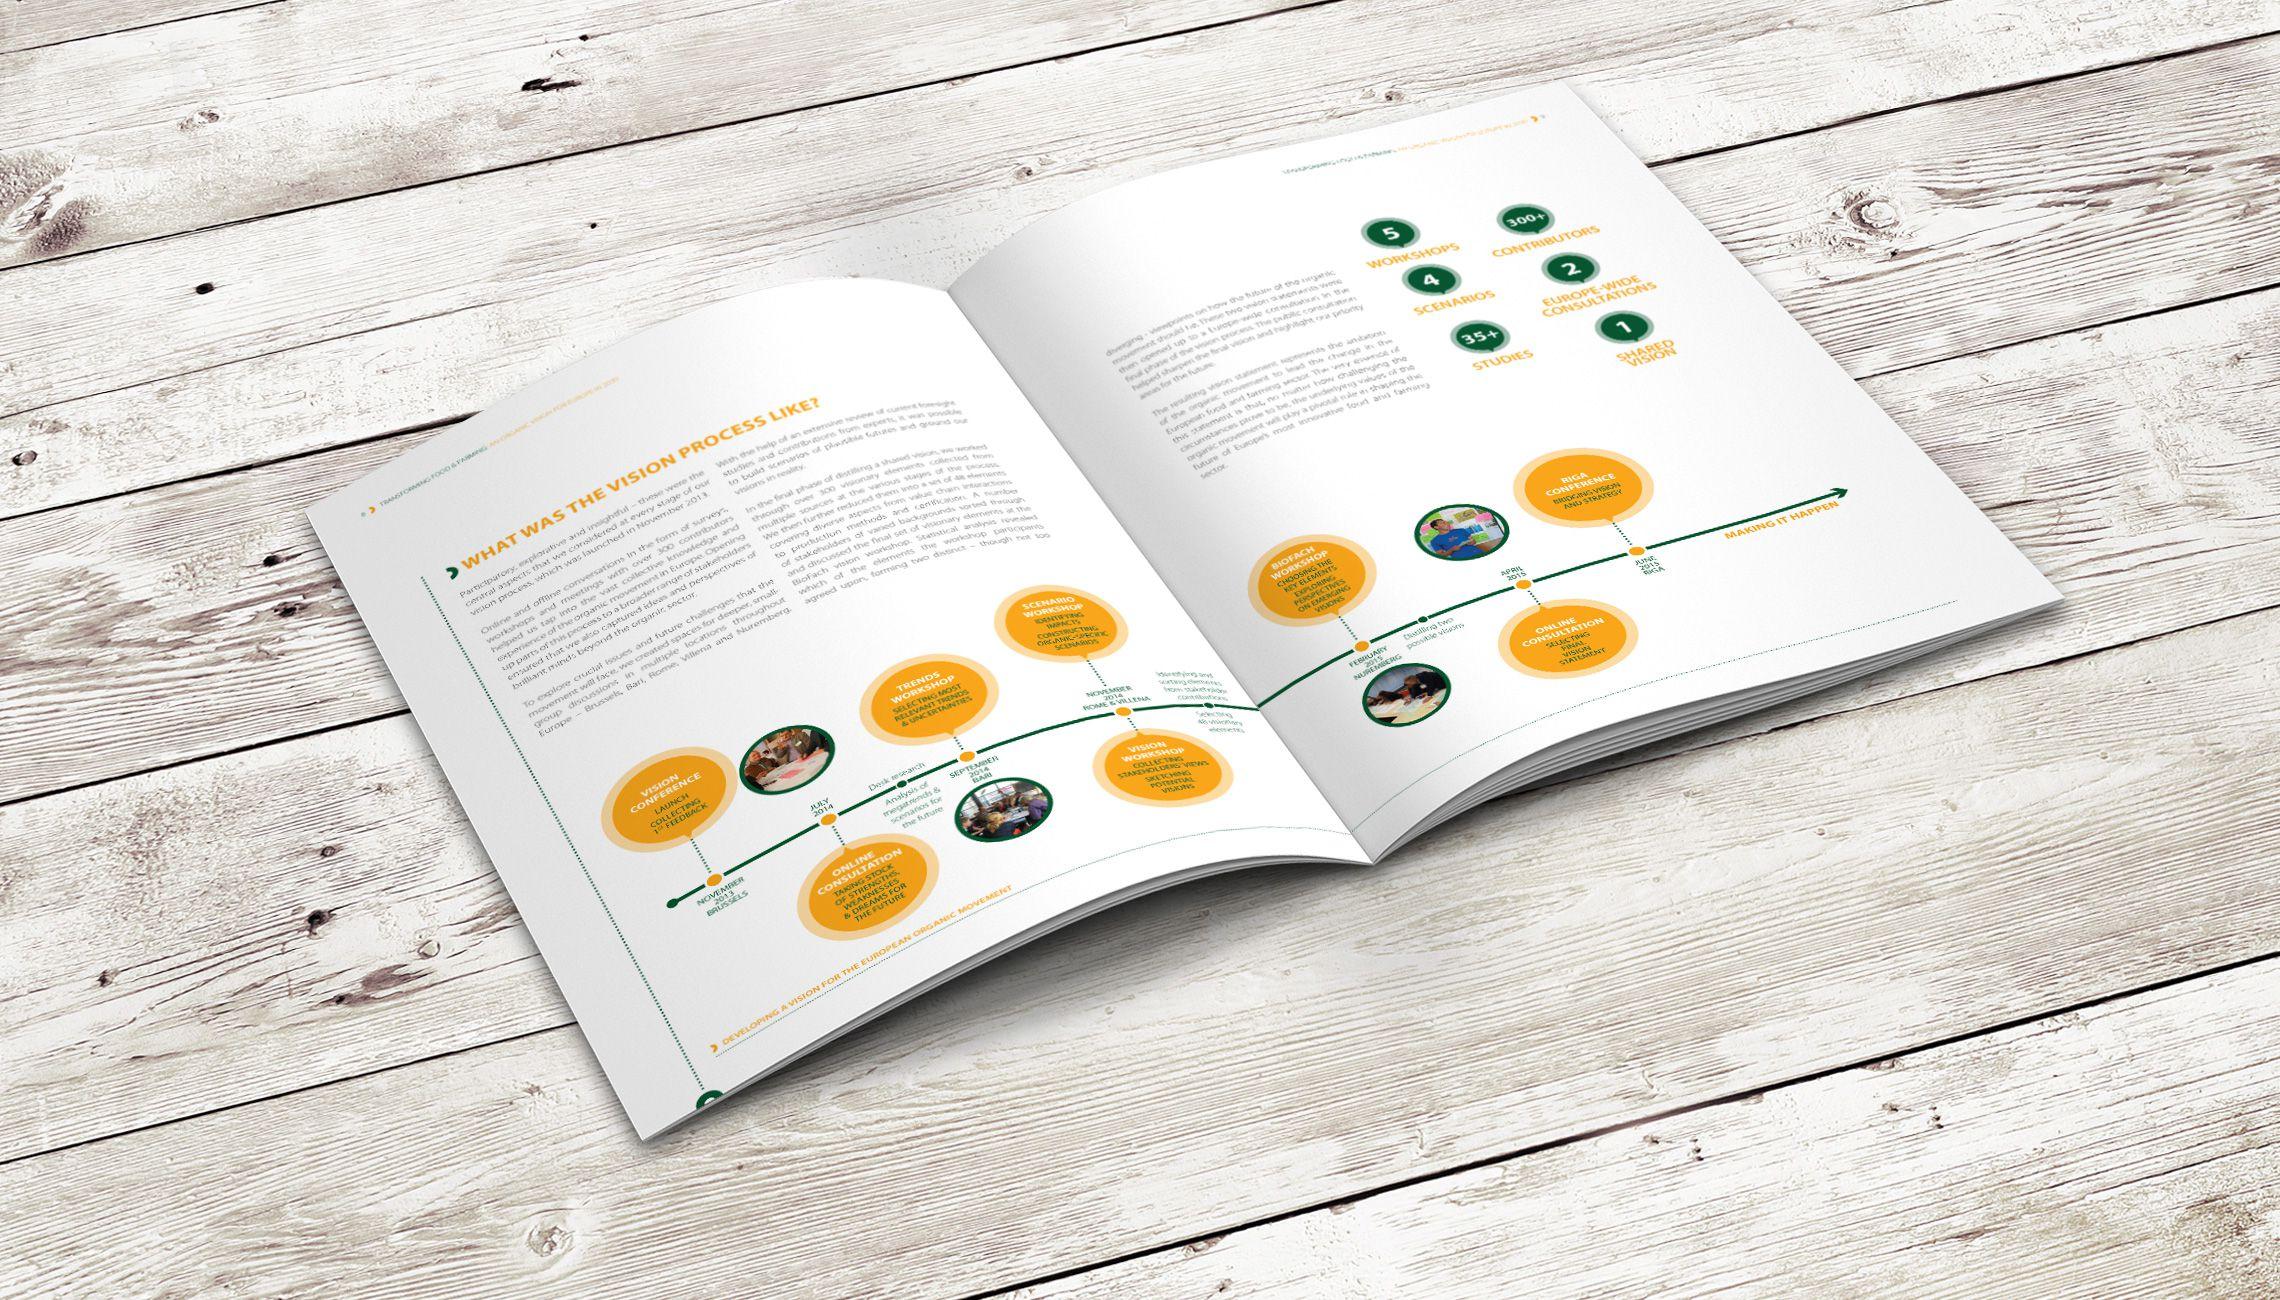 publication: Vision publication - image 3